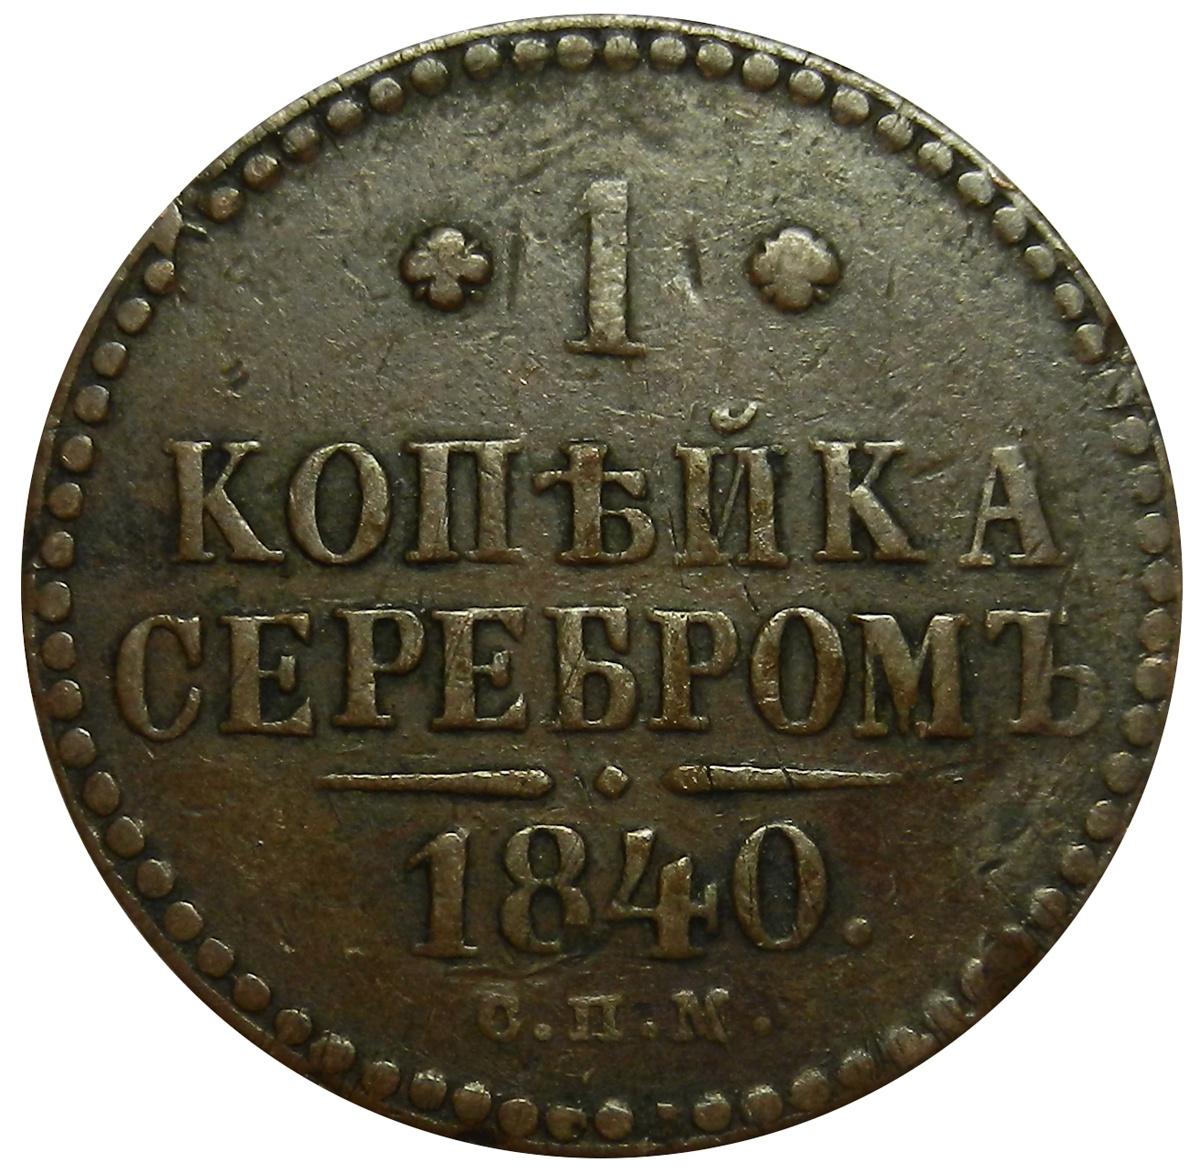 Монета 1 копейка серебром. Медь. Российская Империя, 1840 год (СПМ) XF монета 1 копейка серебром медь российская империя 1840 год спм xf